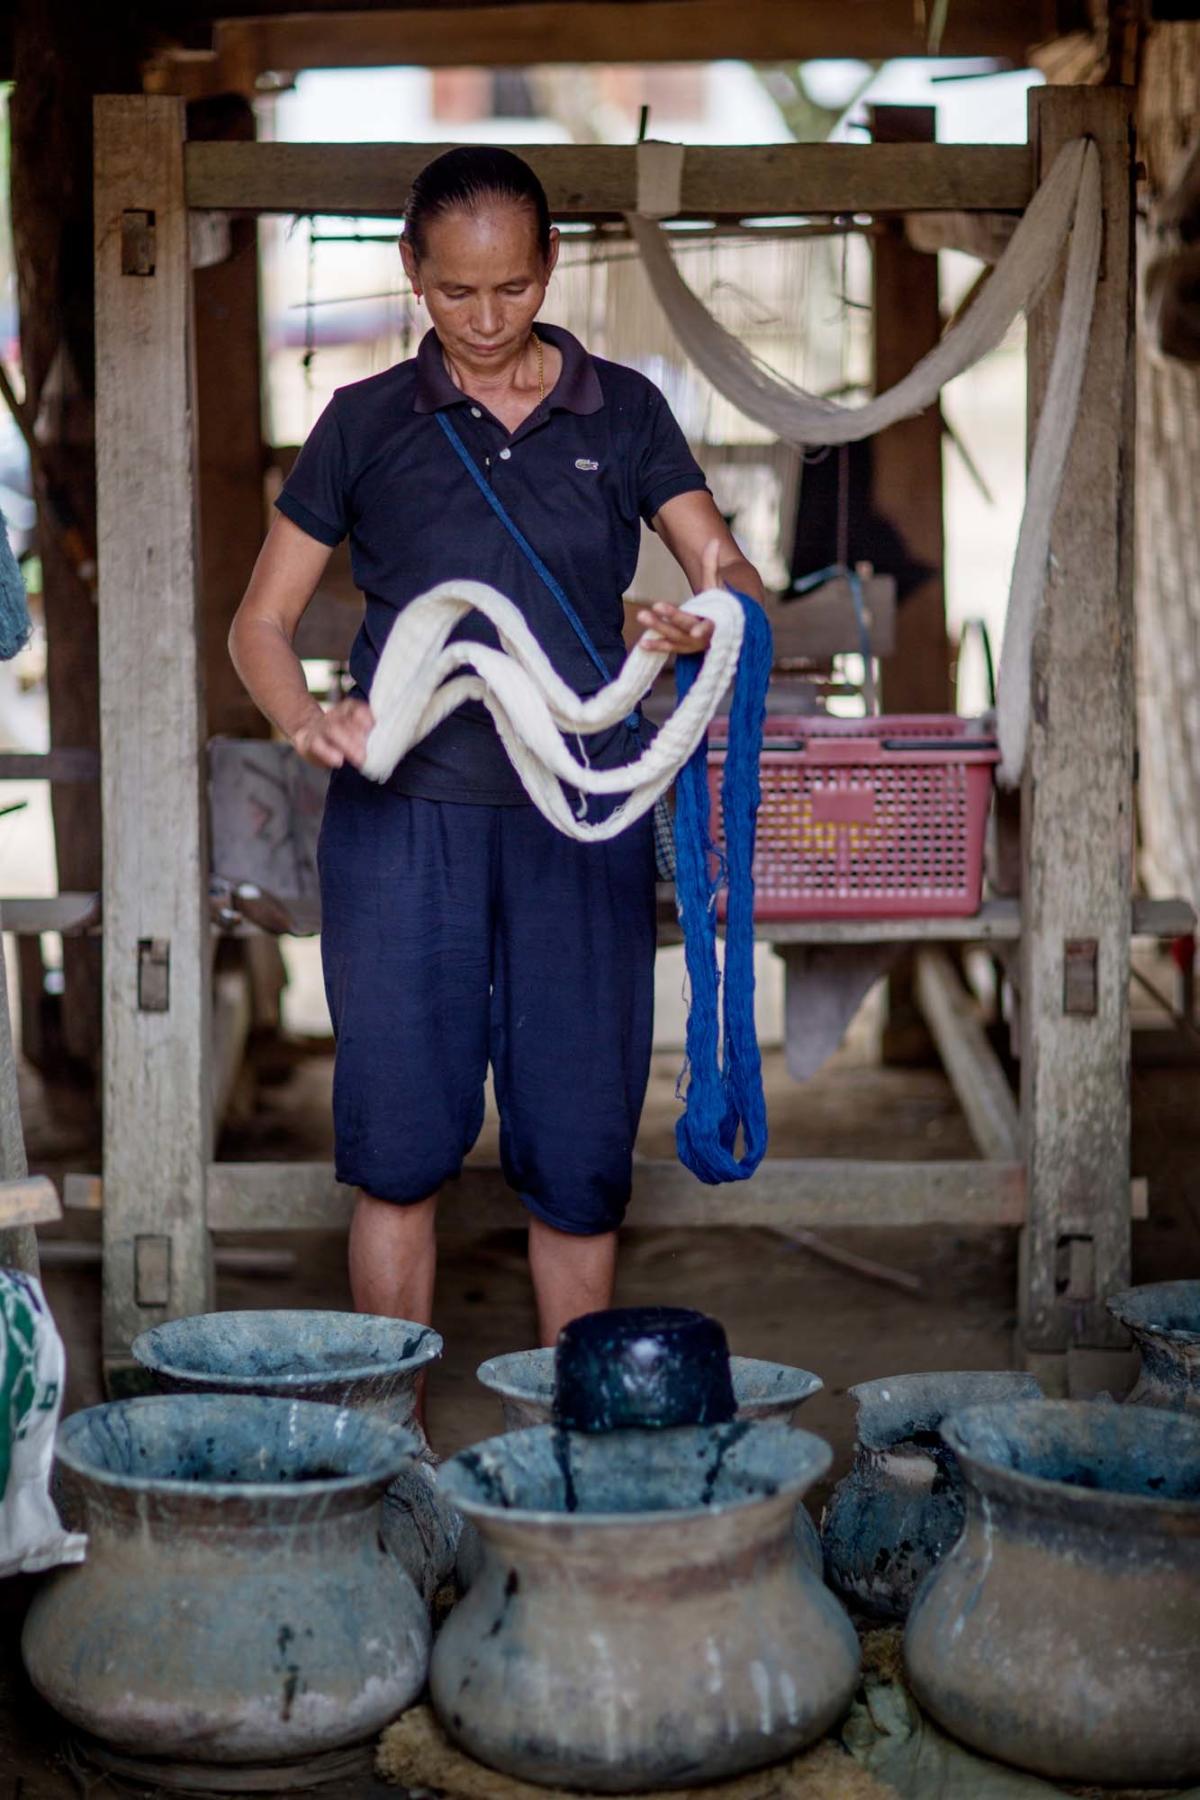 En kvinna står vid flera lerfat med indigo färg med en vit och en indigofärgad garnhärva i händerna.